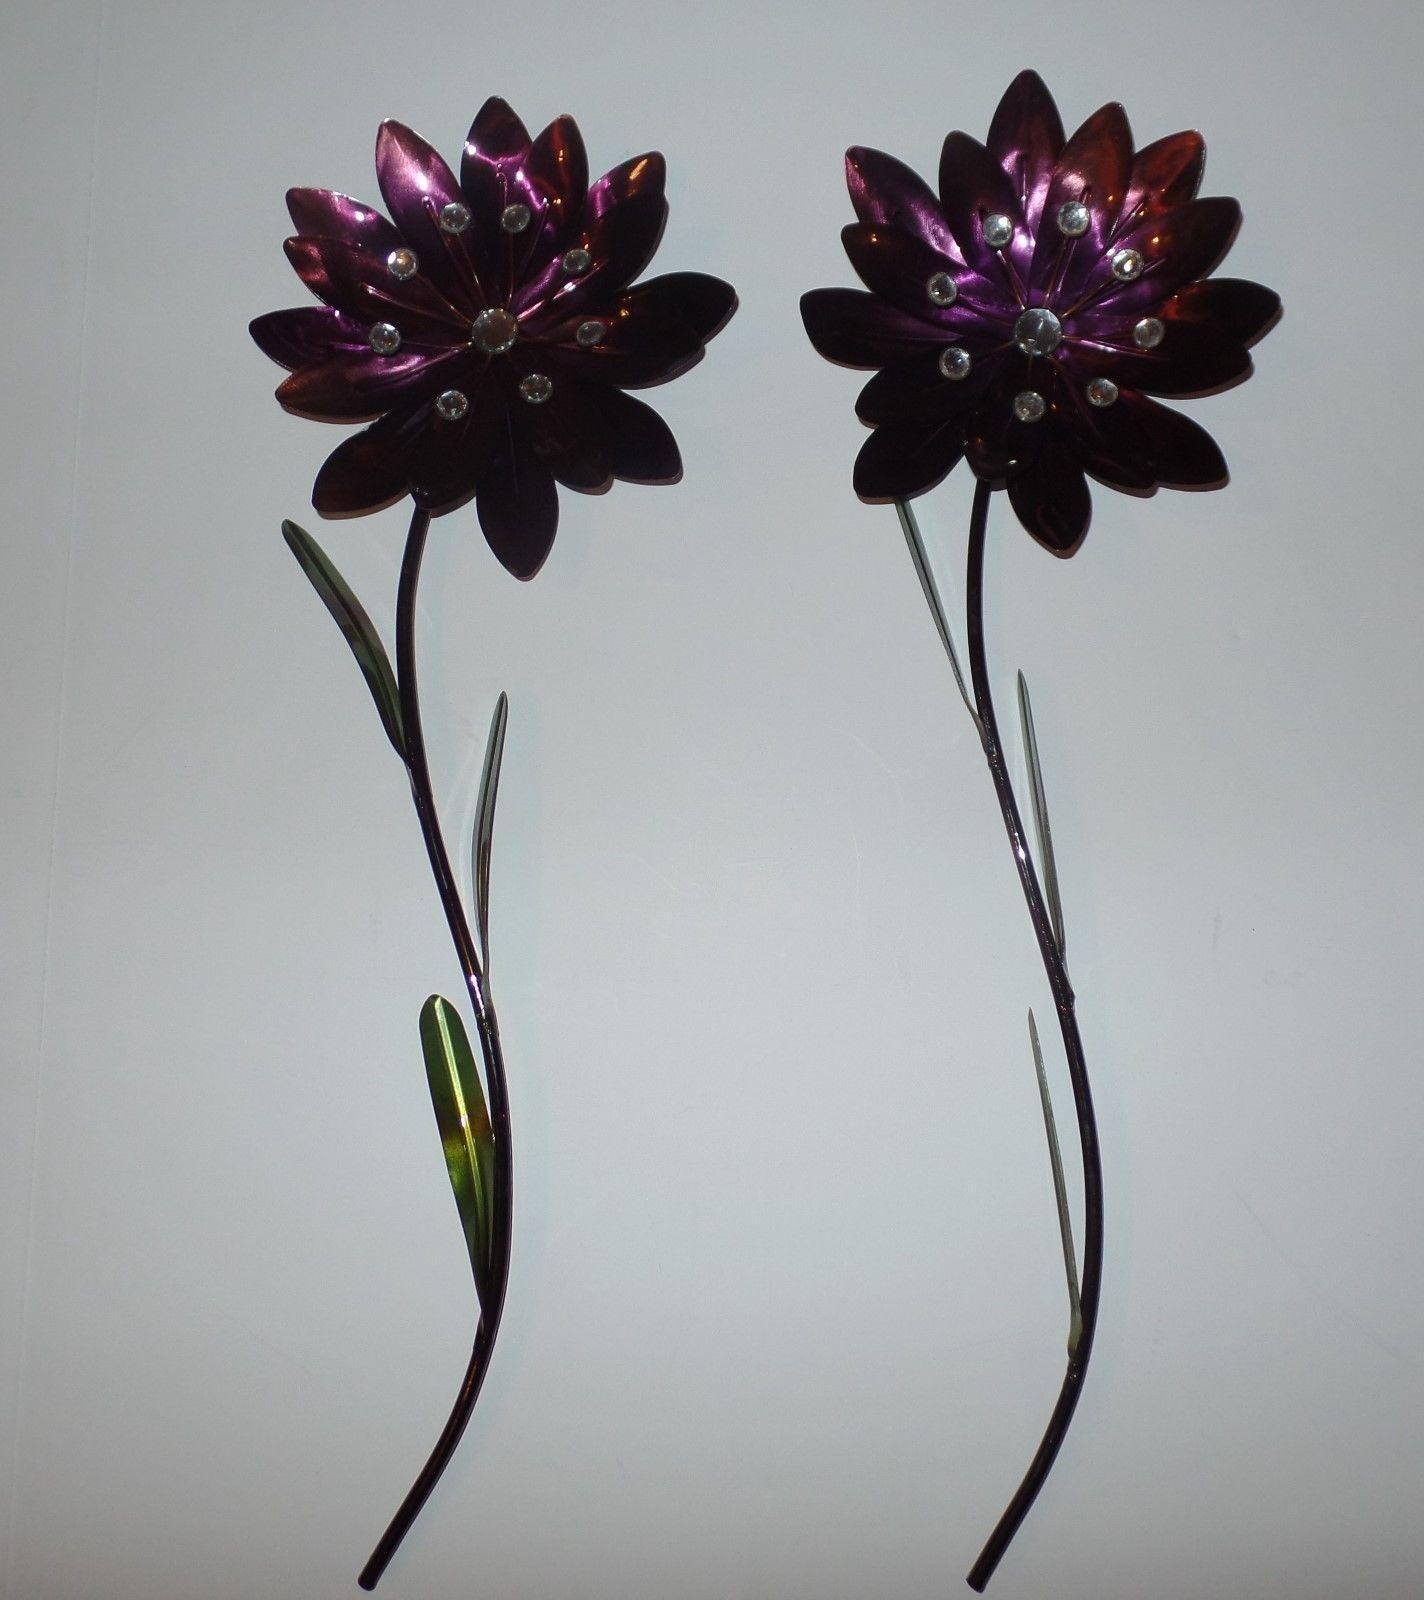 Paper Flowers Wall Art ~ Loversiq Inside Purple Flower Metal Wall Art (Image 17 of 20)